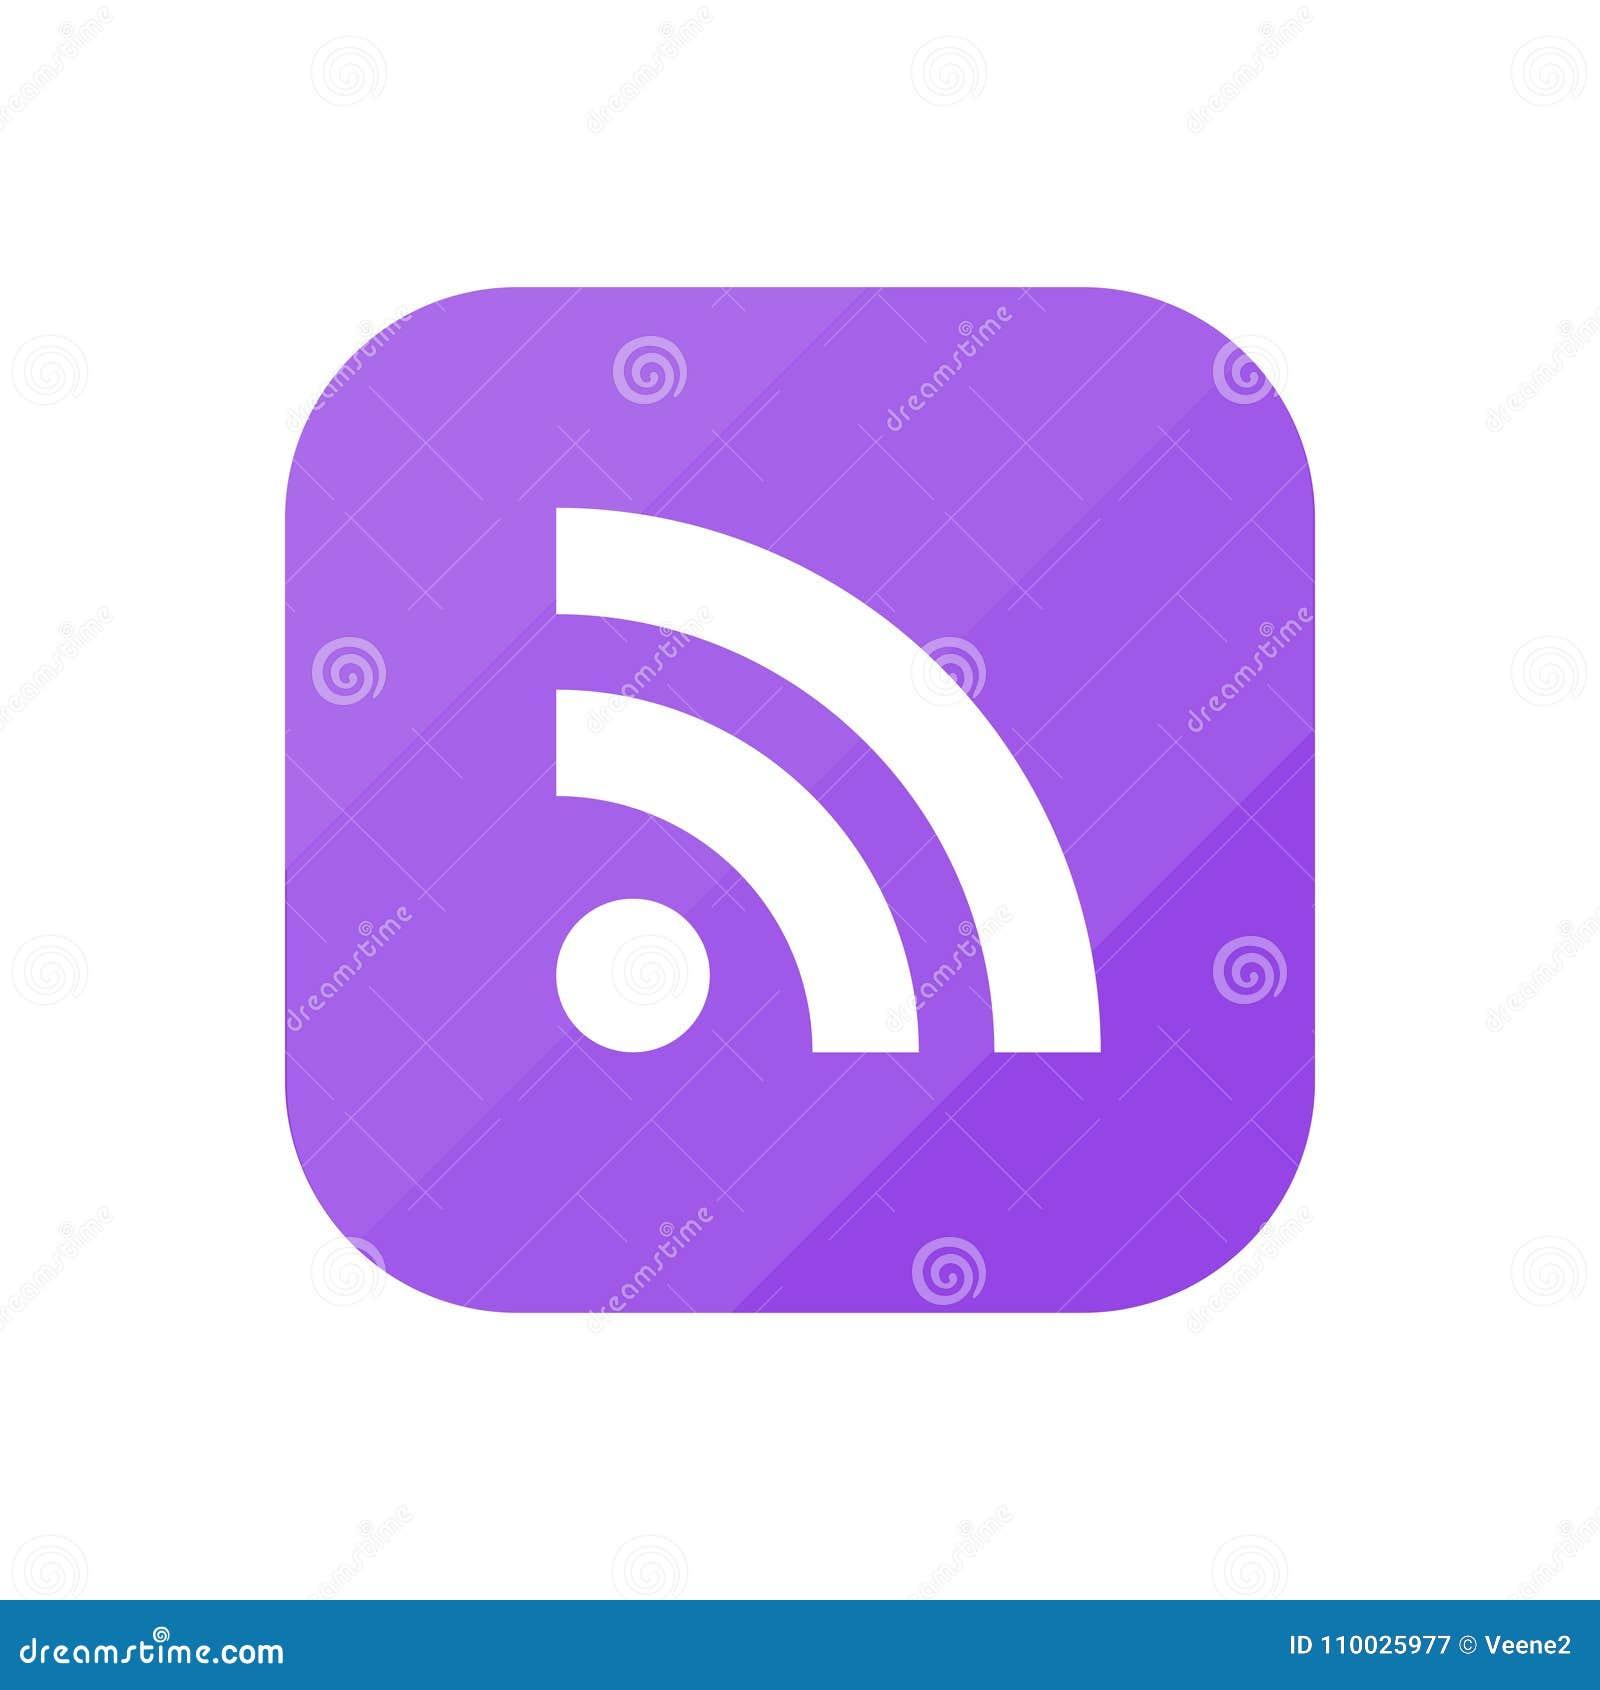 RSS - App Pictogram